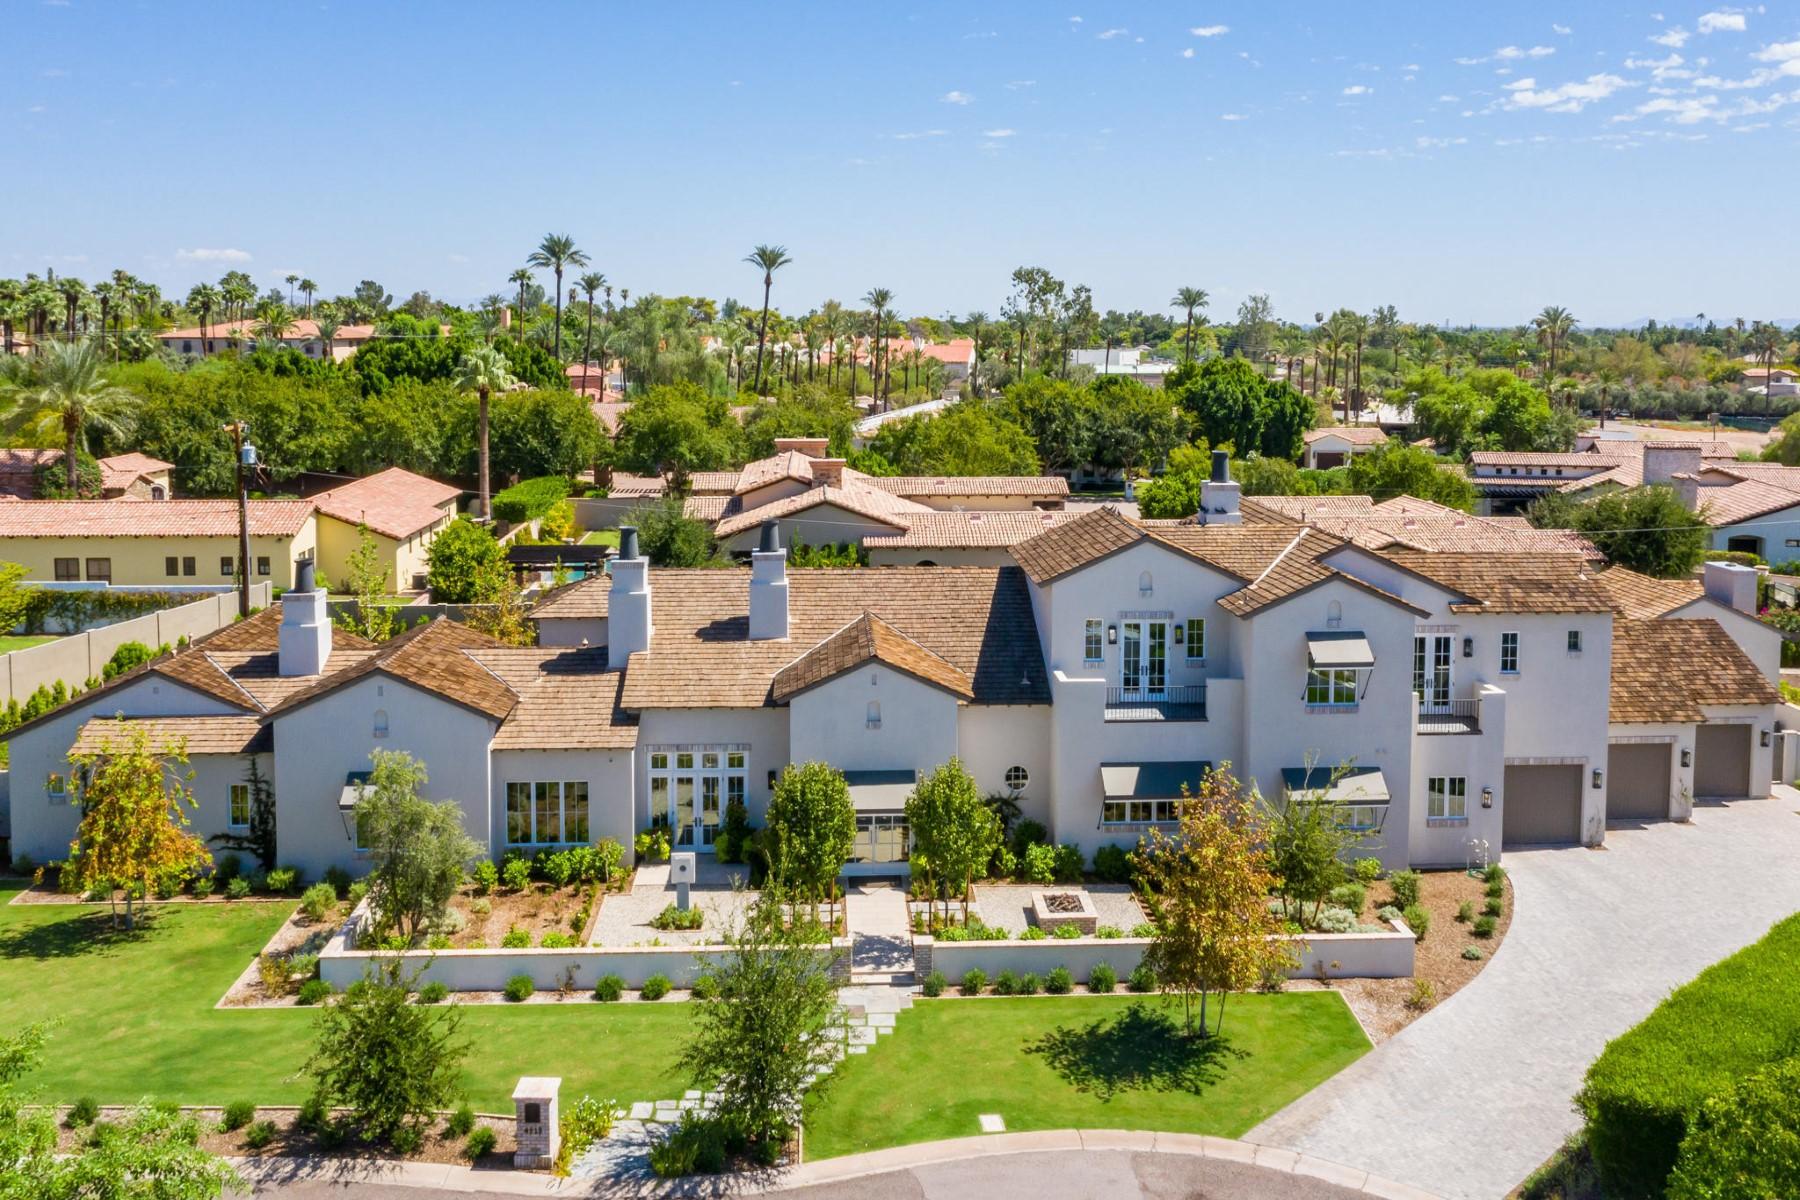 Single Family Homes for Active at Royal Palm Circle 4615 N ROYAL PALM CIR Phoenix, Arizona 85018 United States